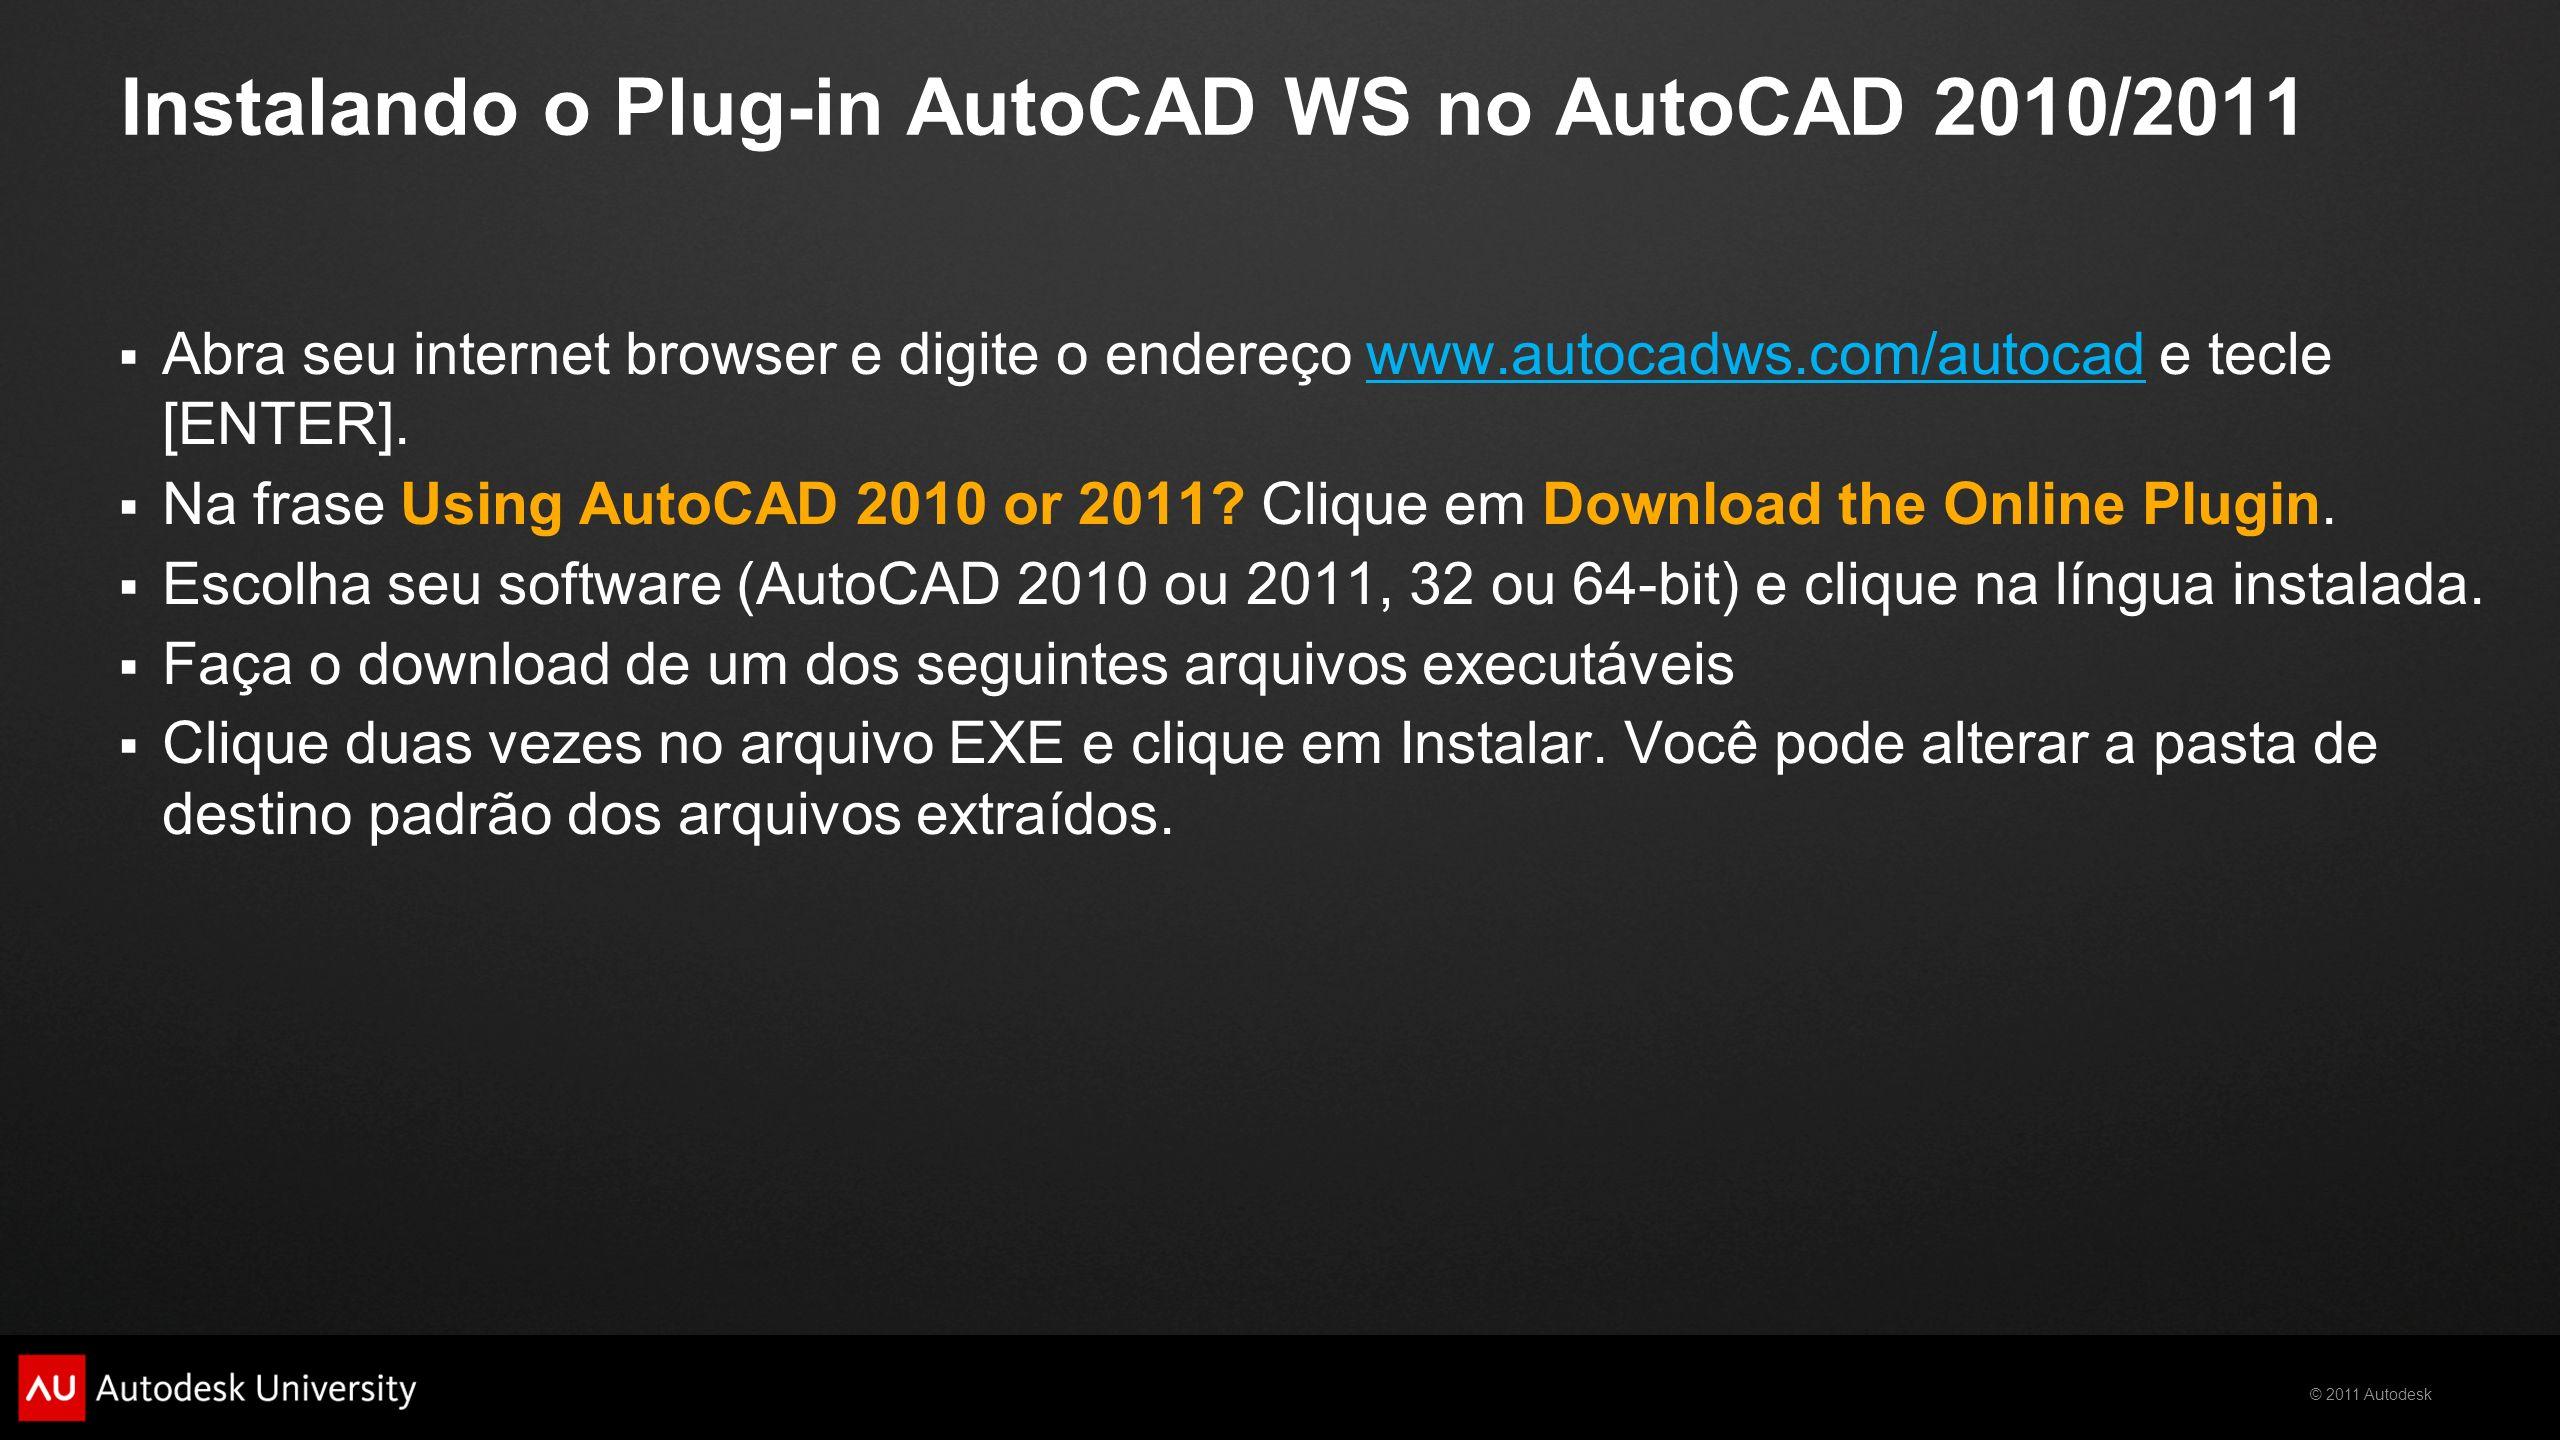 Instalando o Plug-in AutoCAD WS no AutoCAD 2010/2011